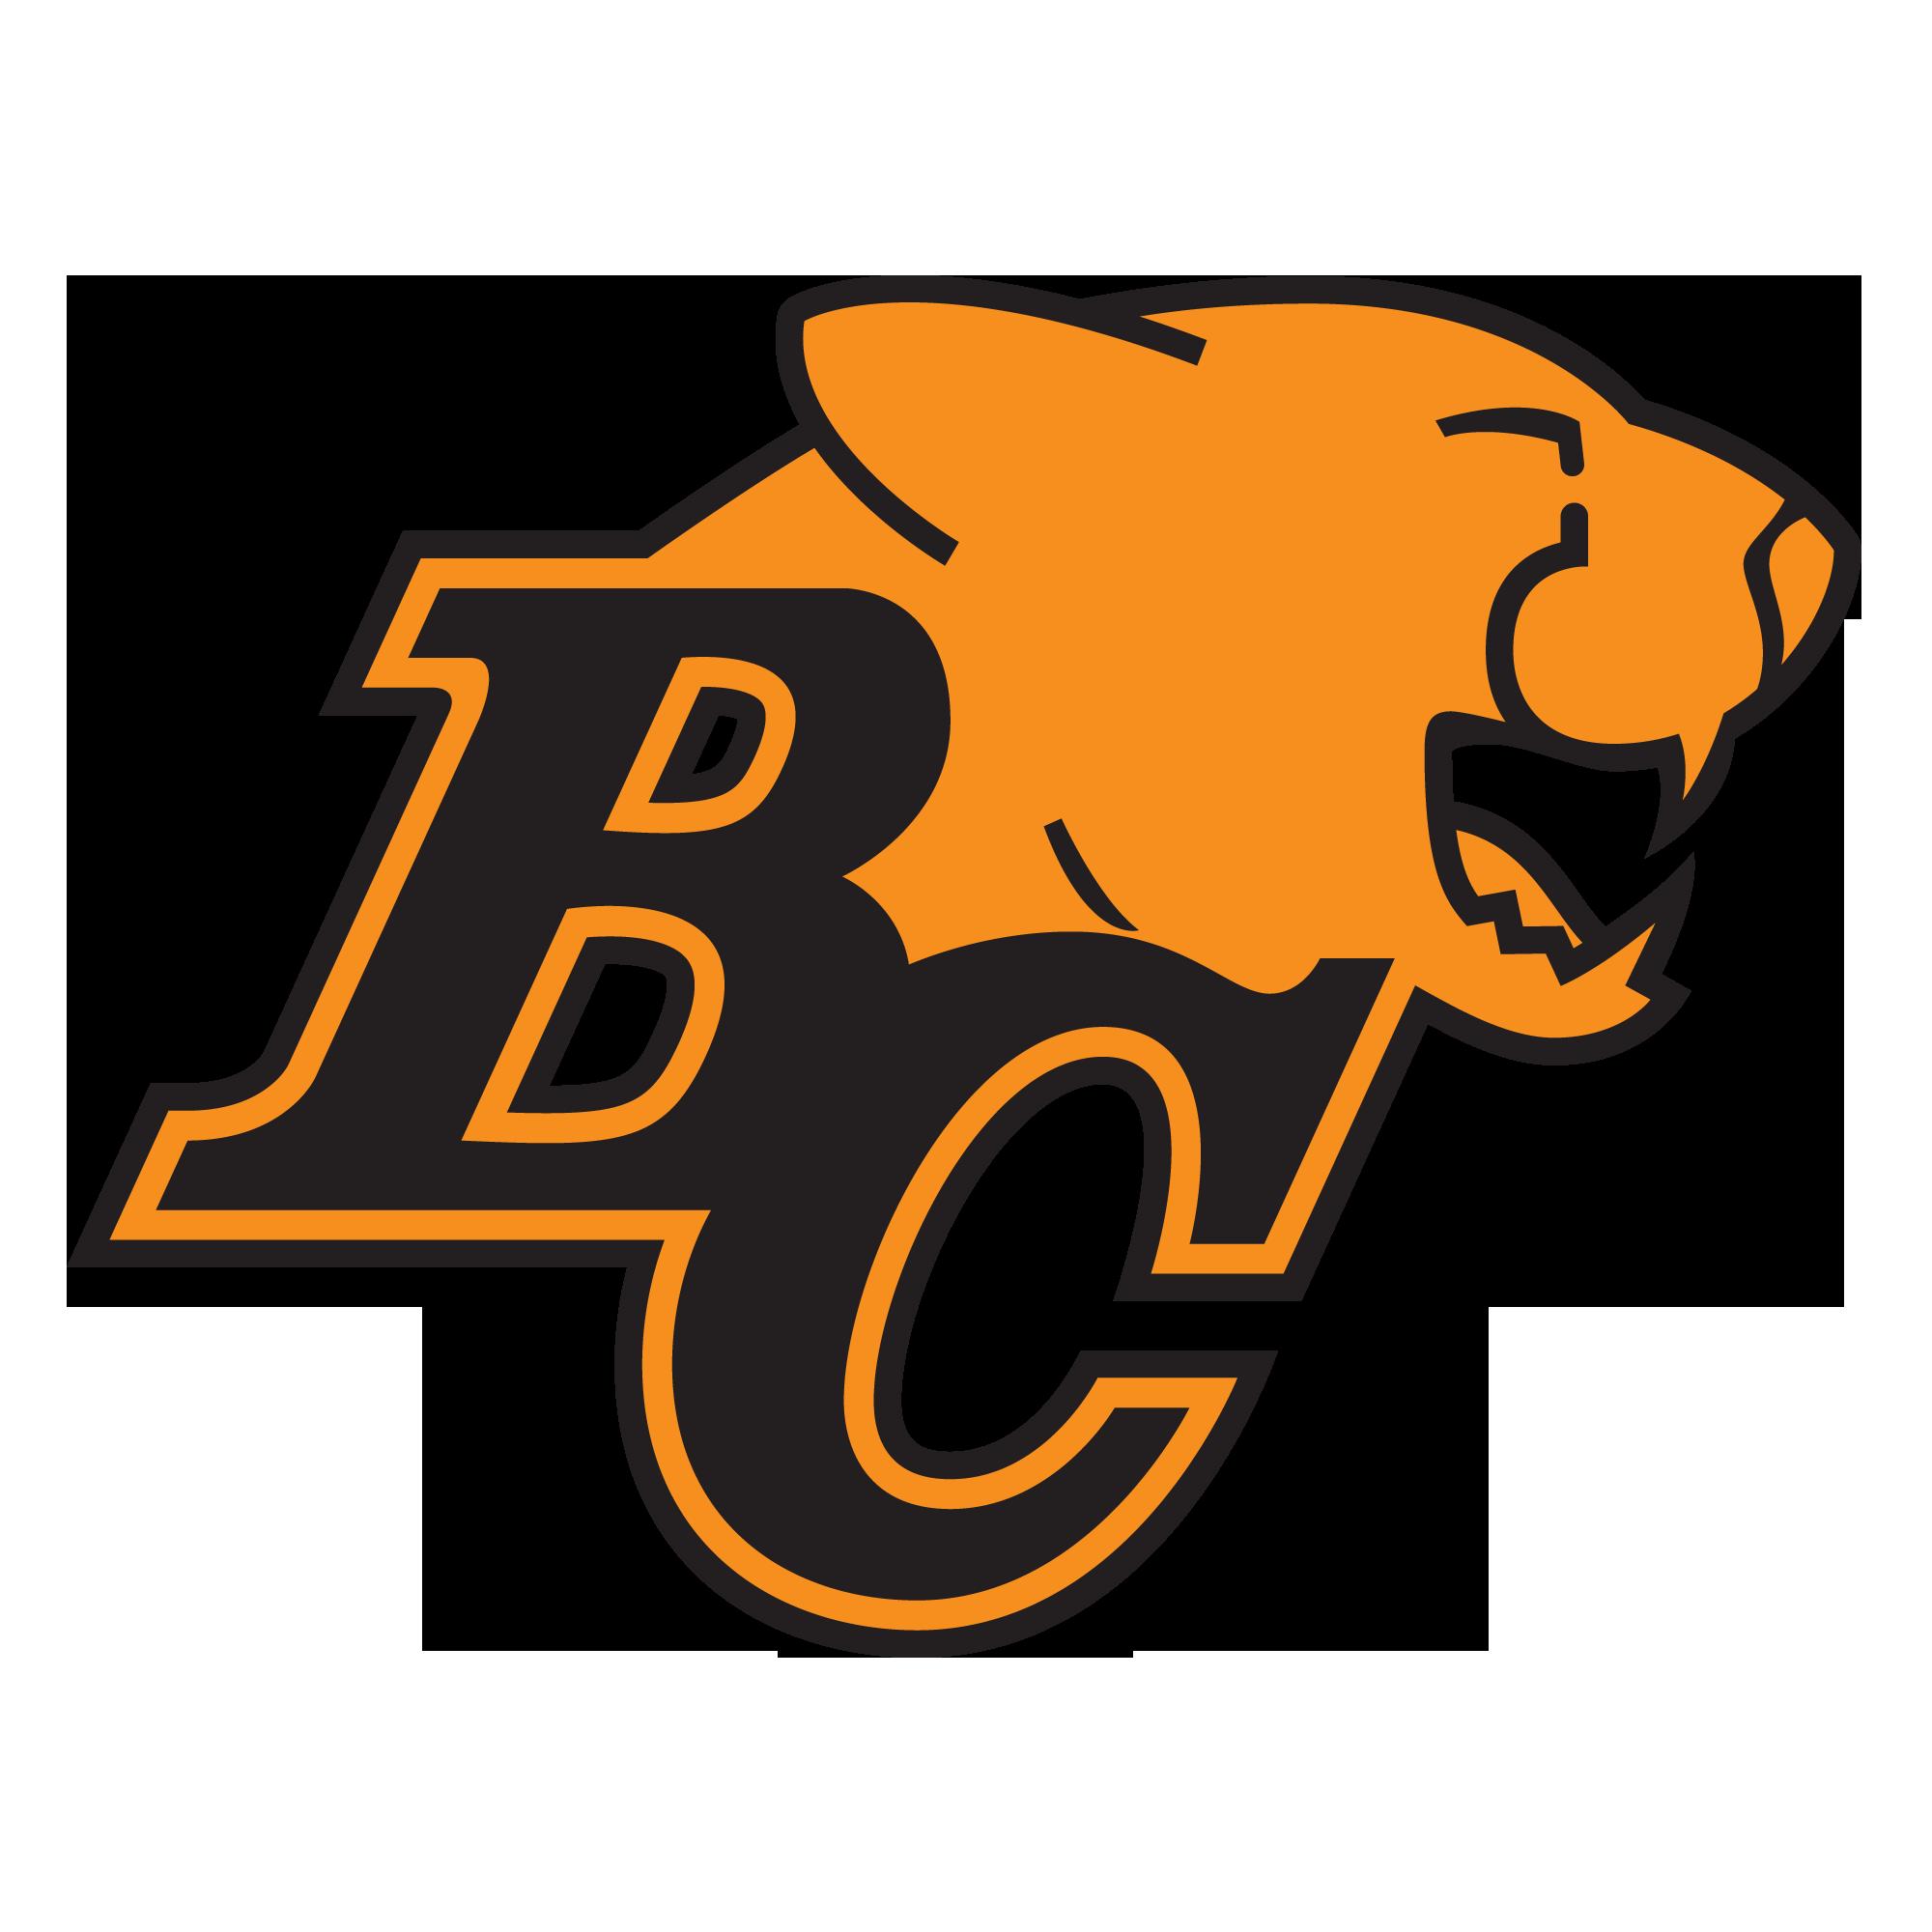 B.c Lions